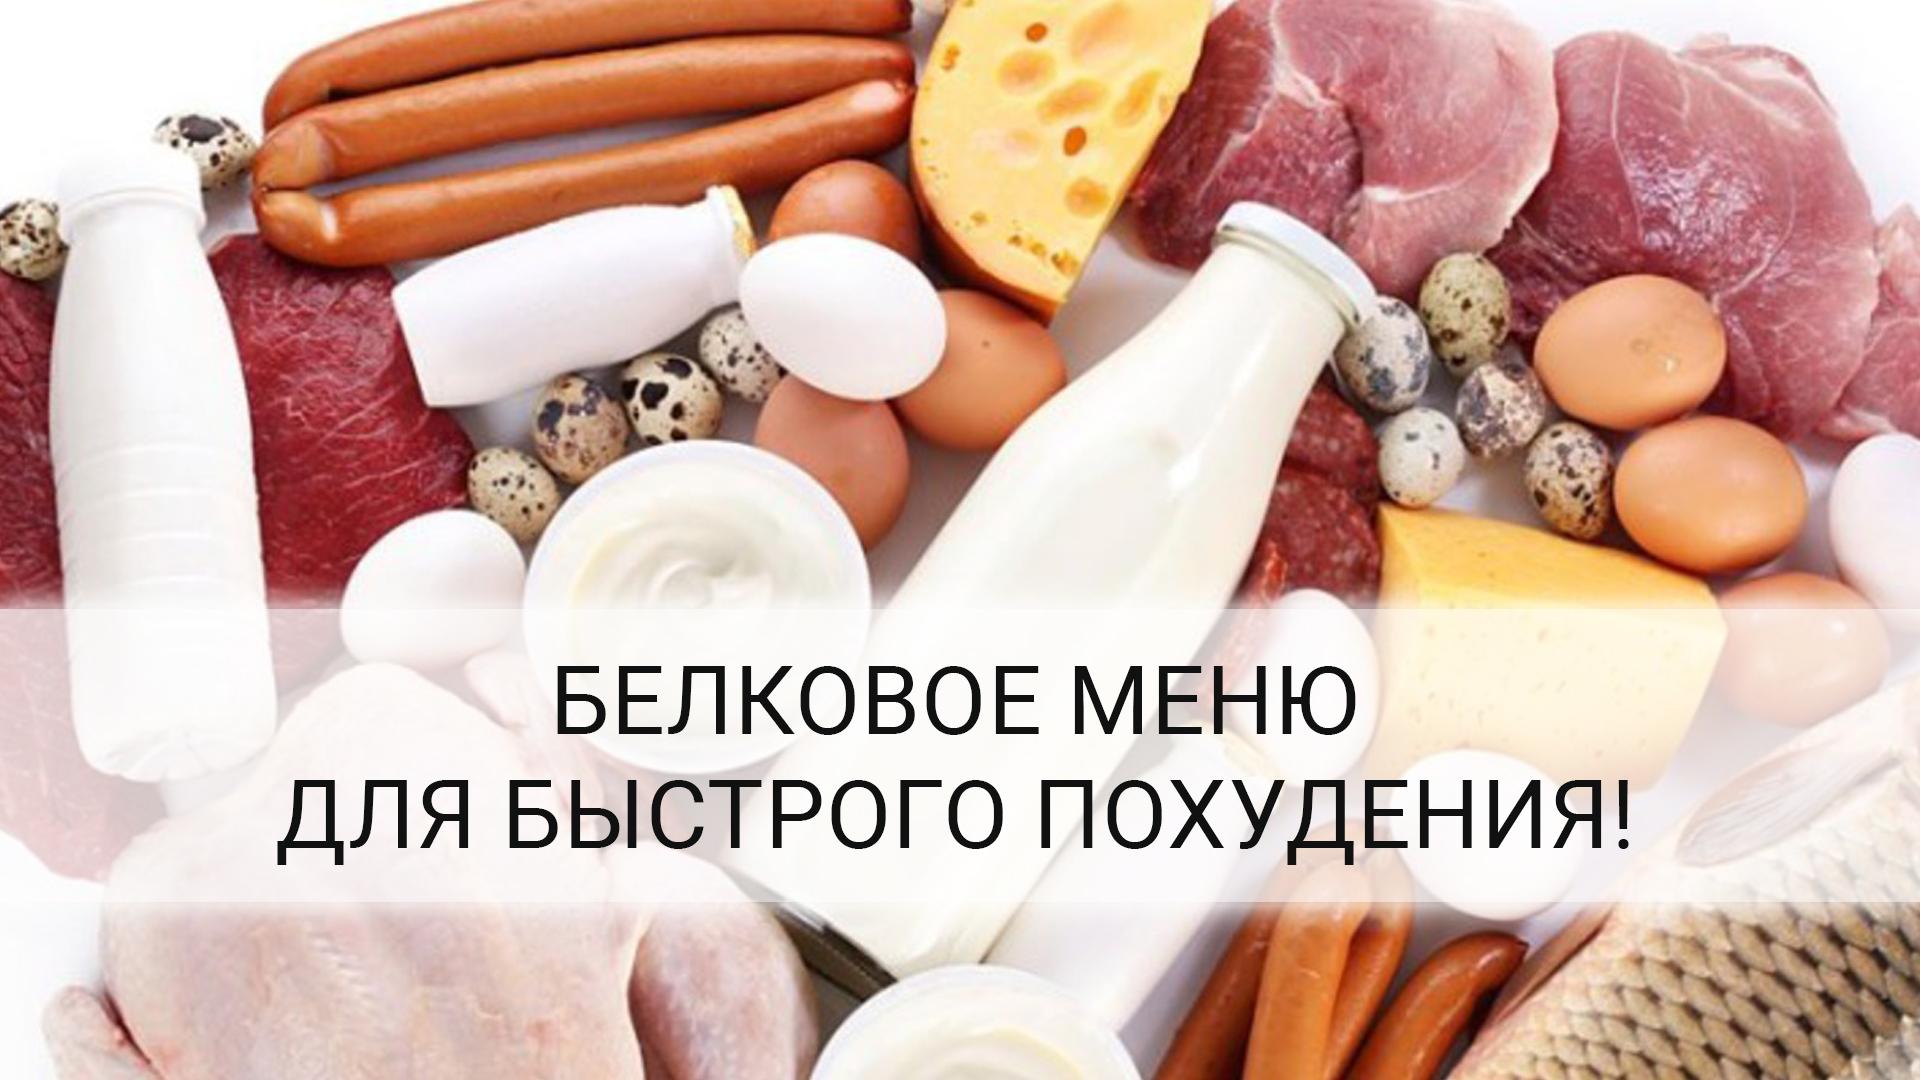 Правильные Белковые Диеты. Белковая диета